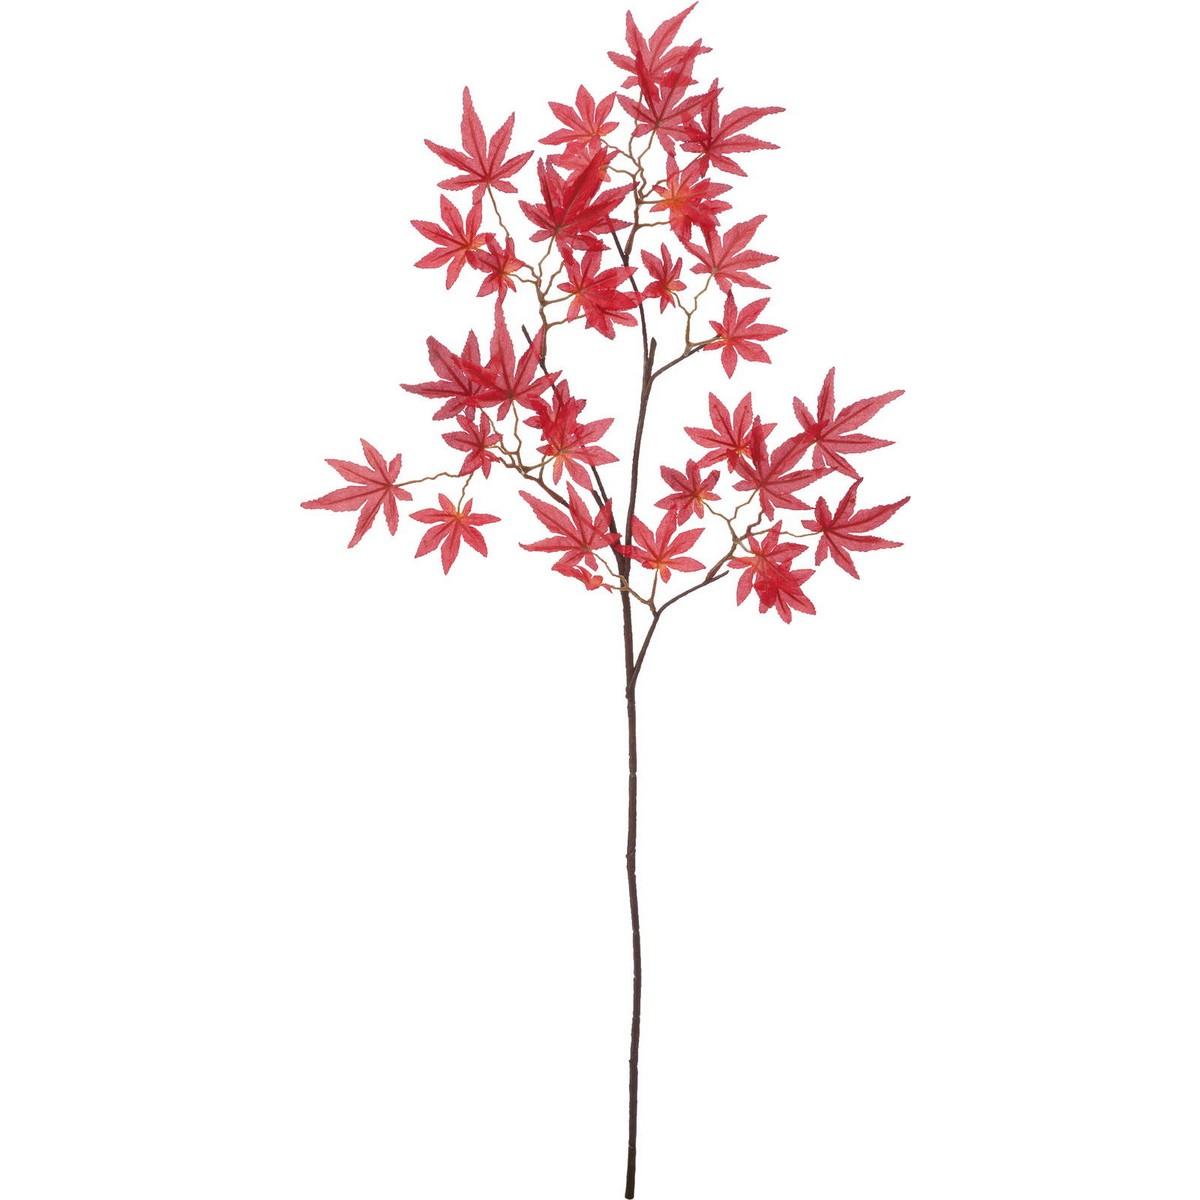 【造花】YDM/イロハモミジ/FS-9034R【01】【取寄】《 造花(アーティフィシャルフラワー) 造花枝物 モミジ・イチョウ 》